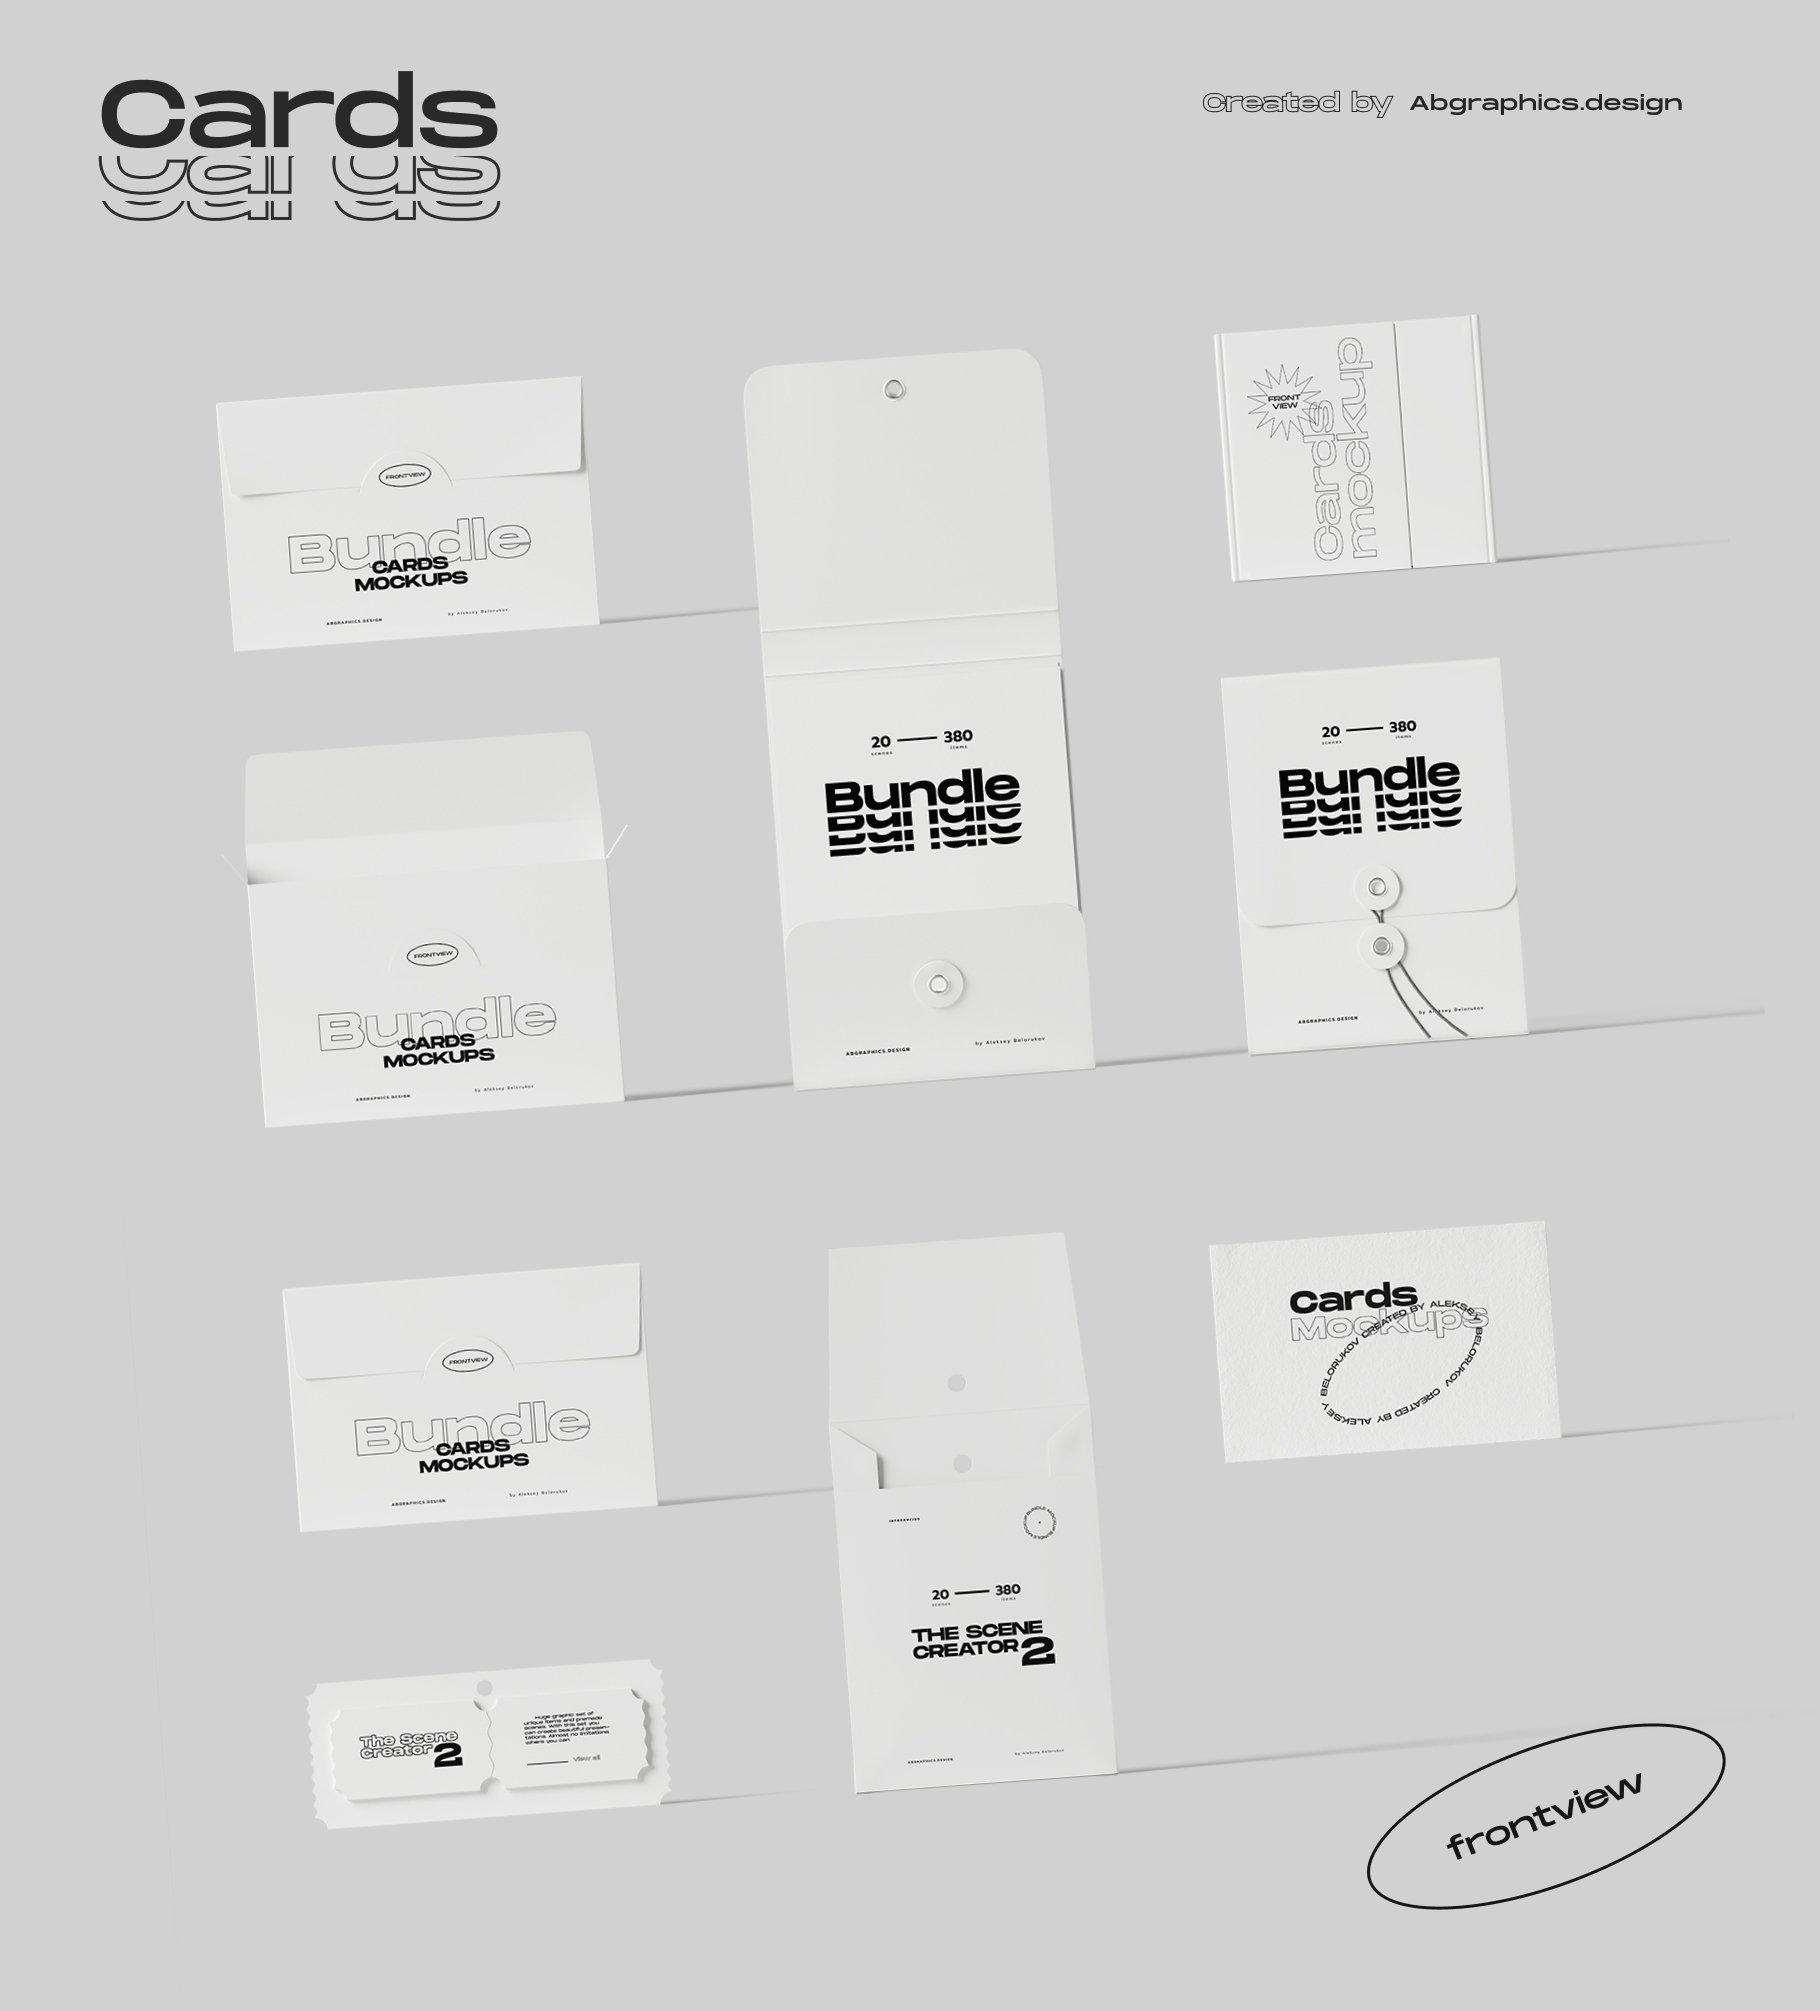 [淘宝购买] 超大品牌VI包装设计PS智能贴图样机模板素材 The Scene Creator 2 / Frontview插图(25)